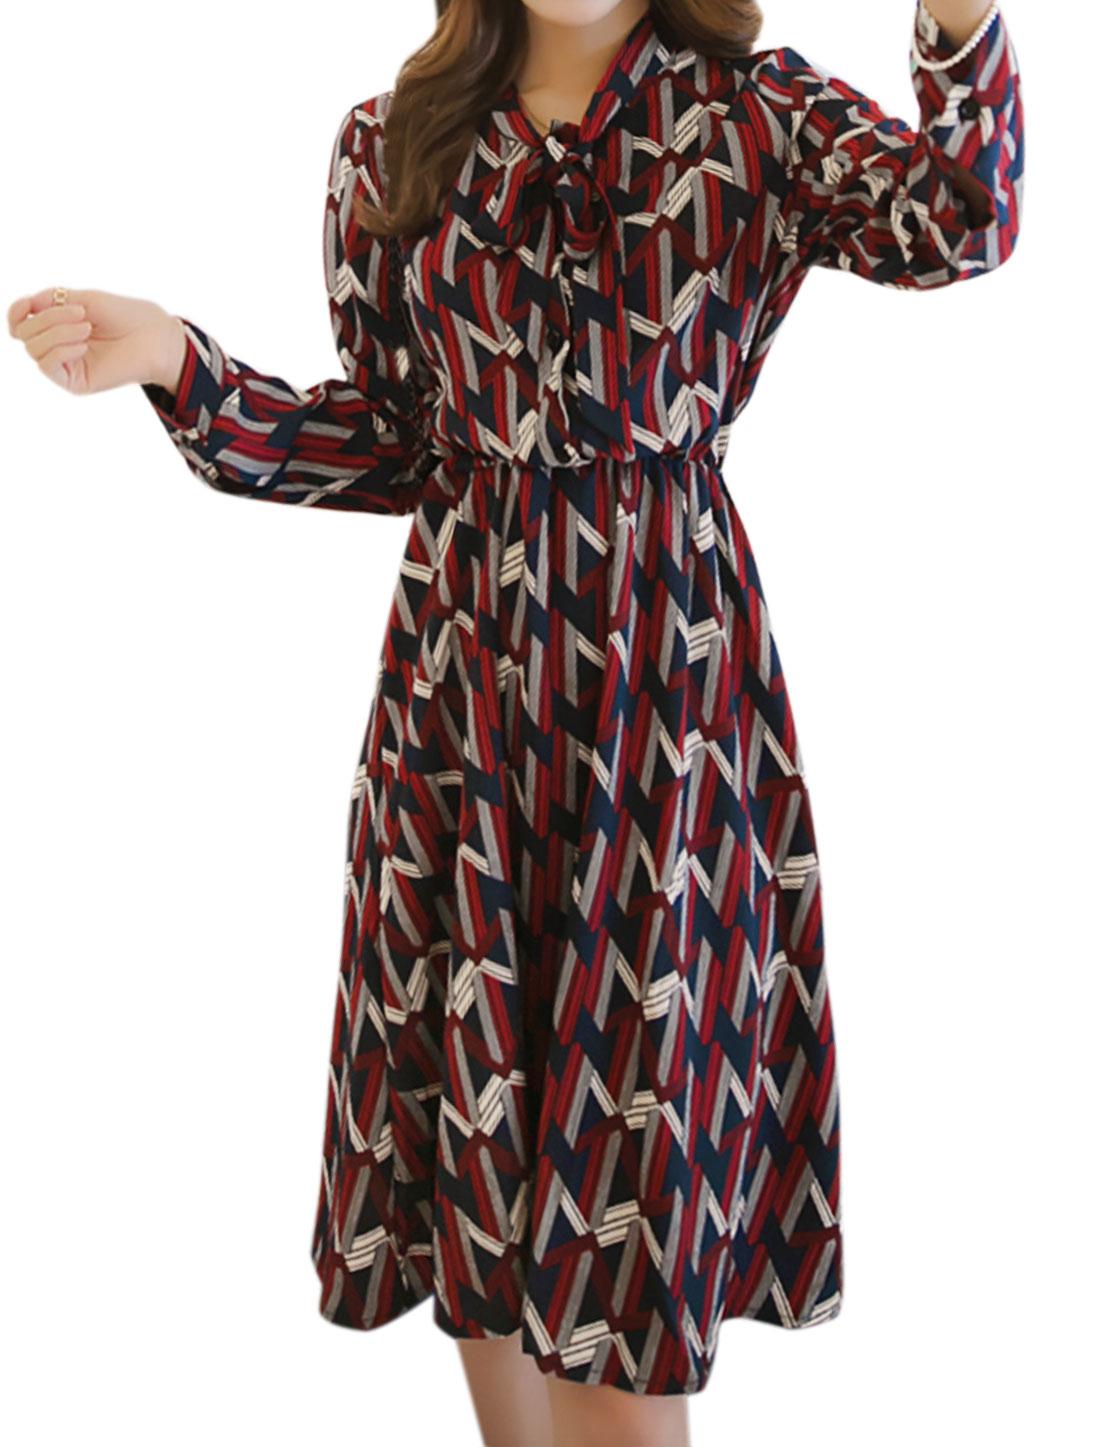 Women Pussybow Neck Buttons Upper Geometric Shirt Dress Burgundy S